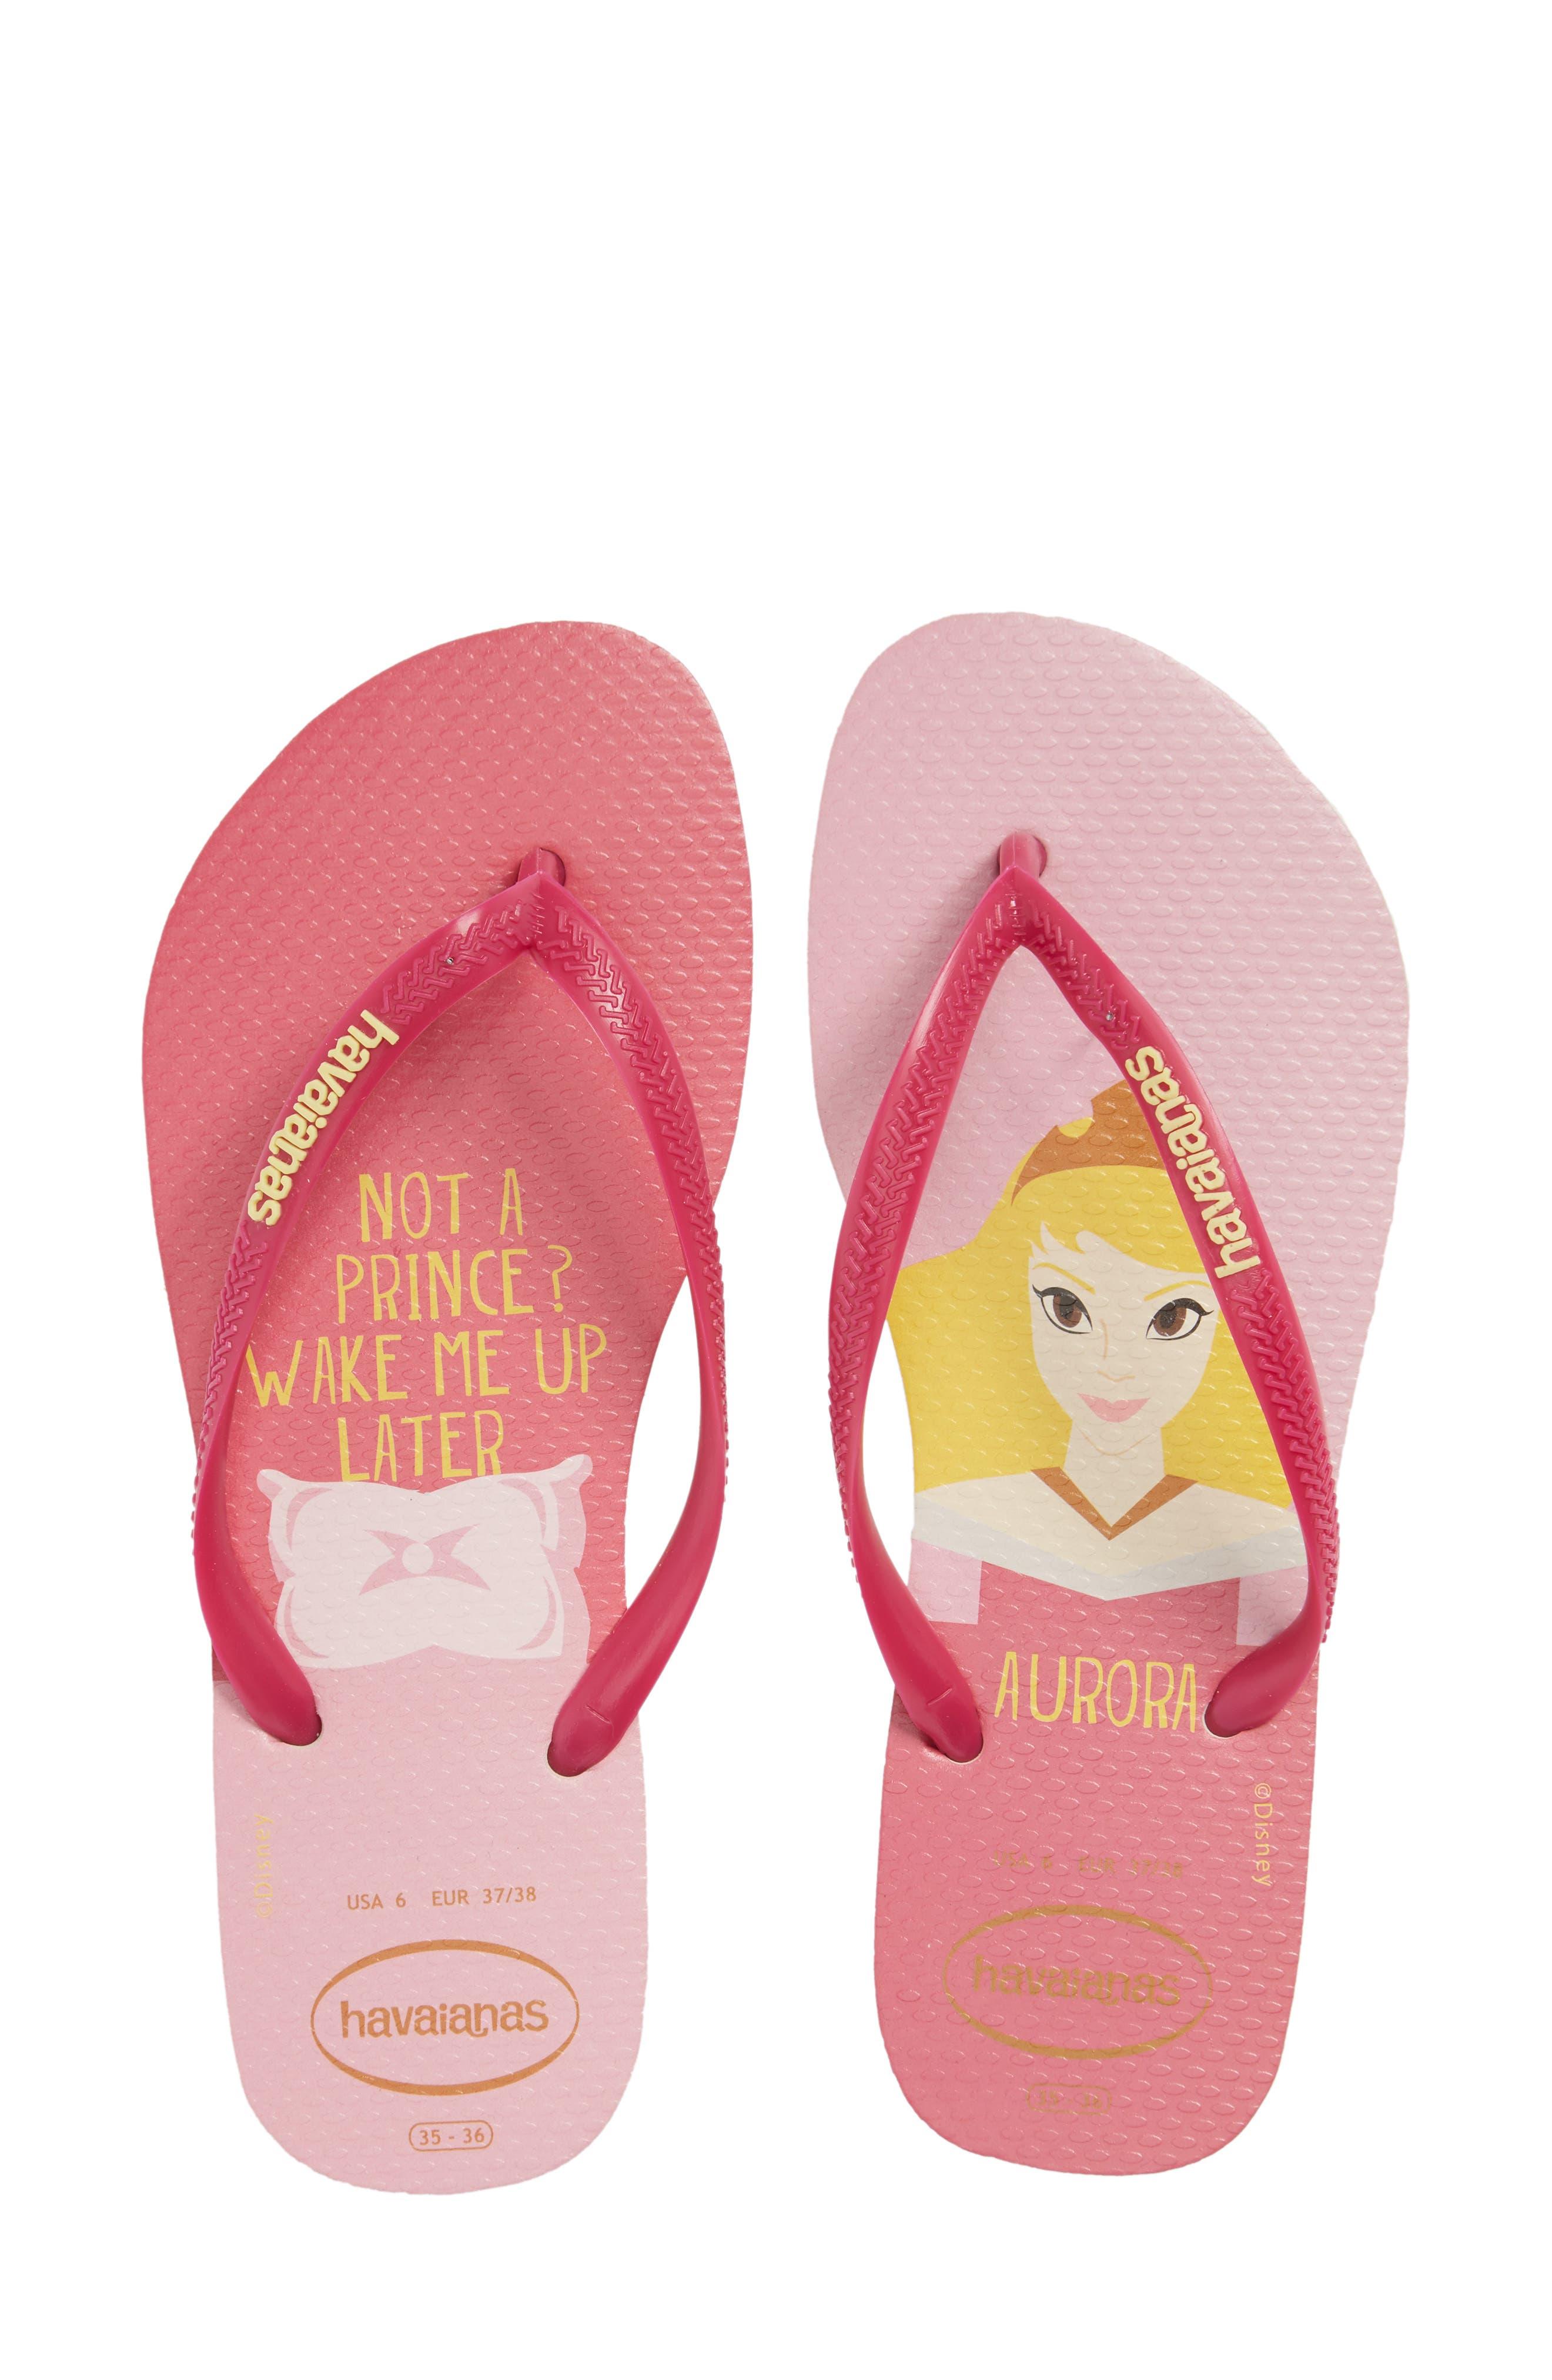 Havaiana Slim - Disney Princess Flip Flop,                             Main thumbnail 1, color,                             Beige/ Pink